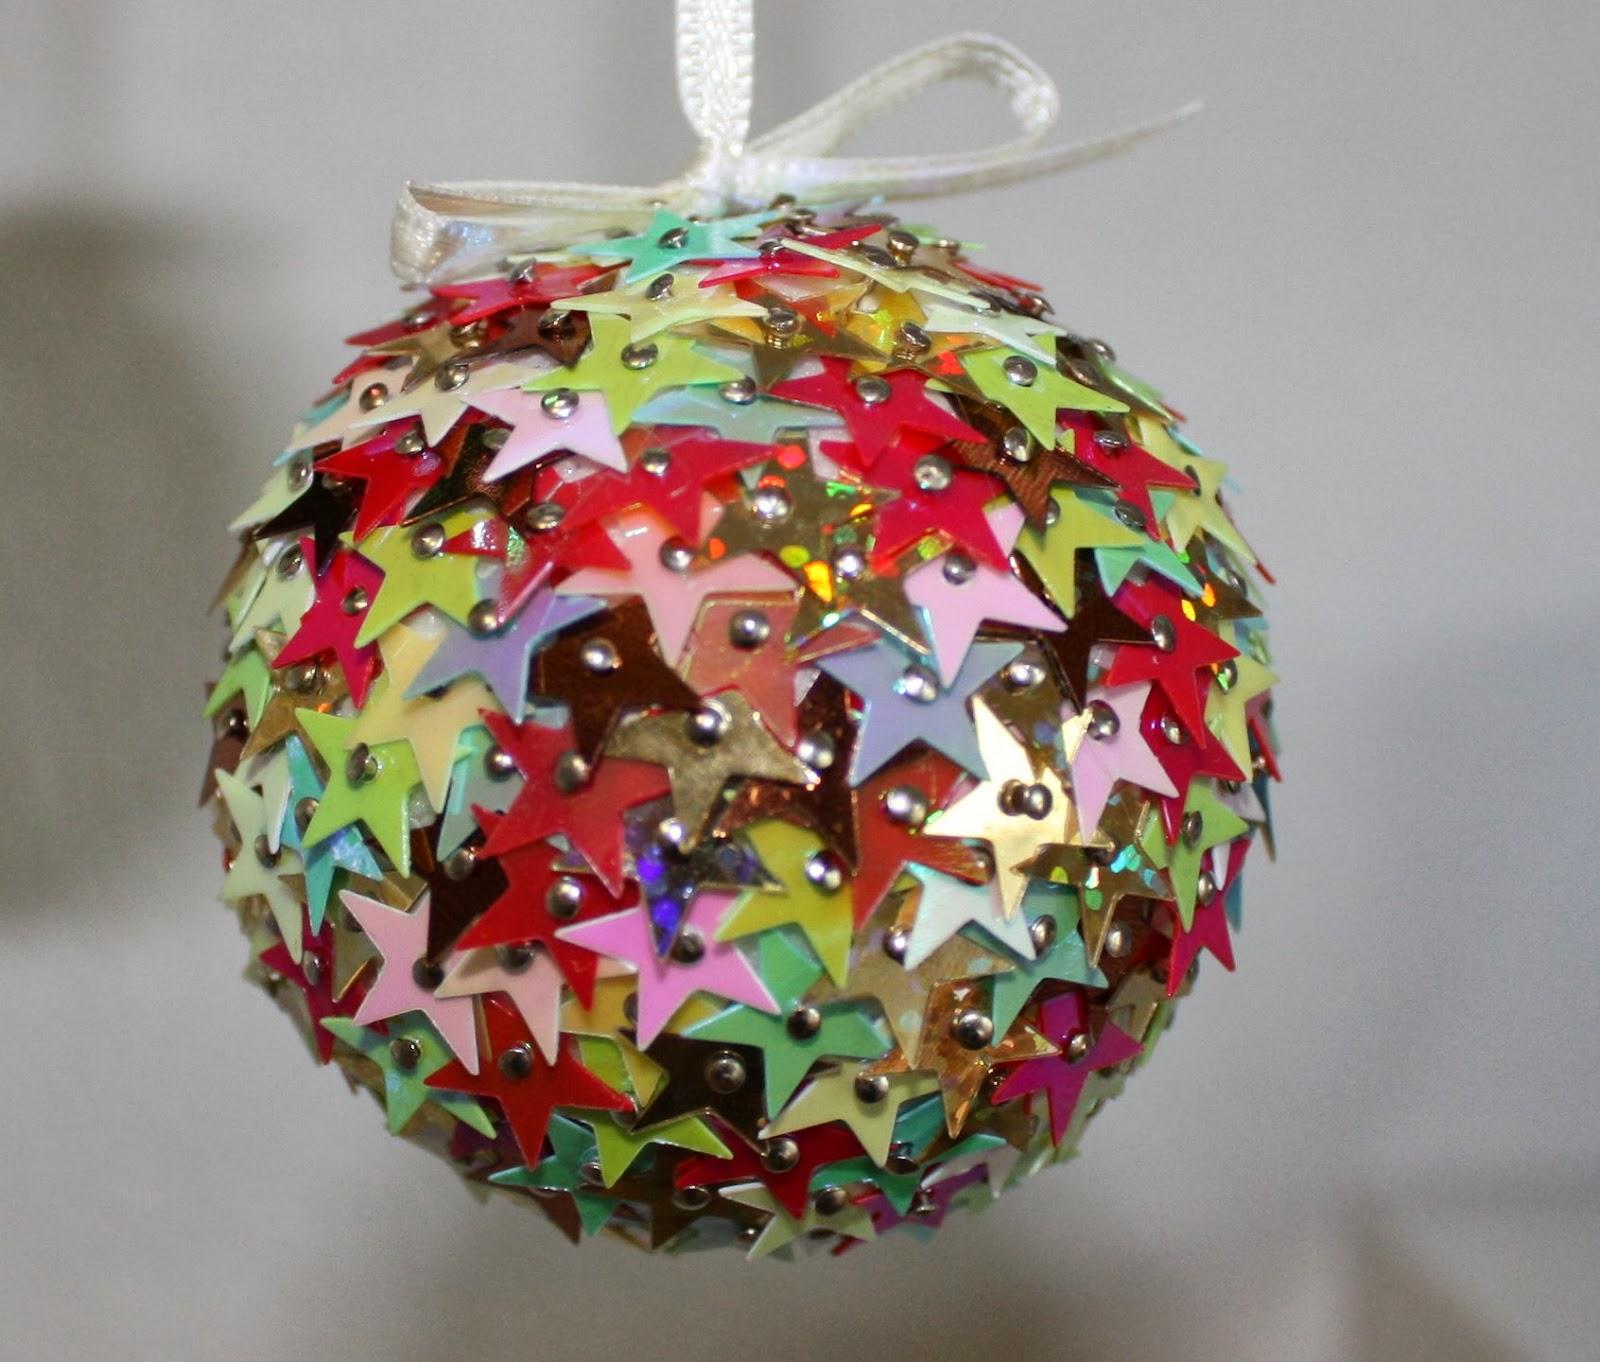 Creamoments weihnachtsglanz - Styroporkugeln mit pailletten ...